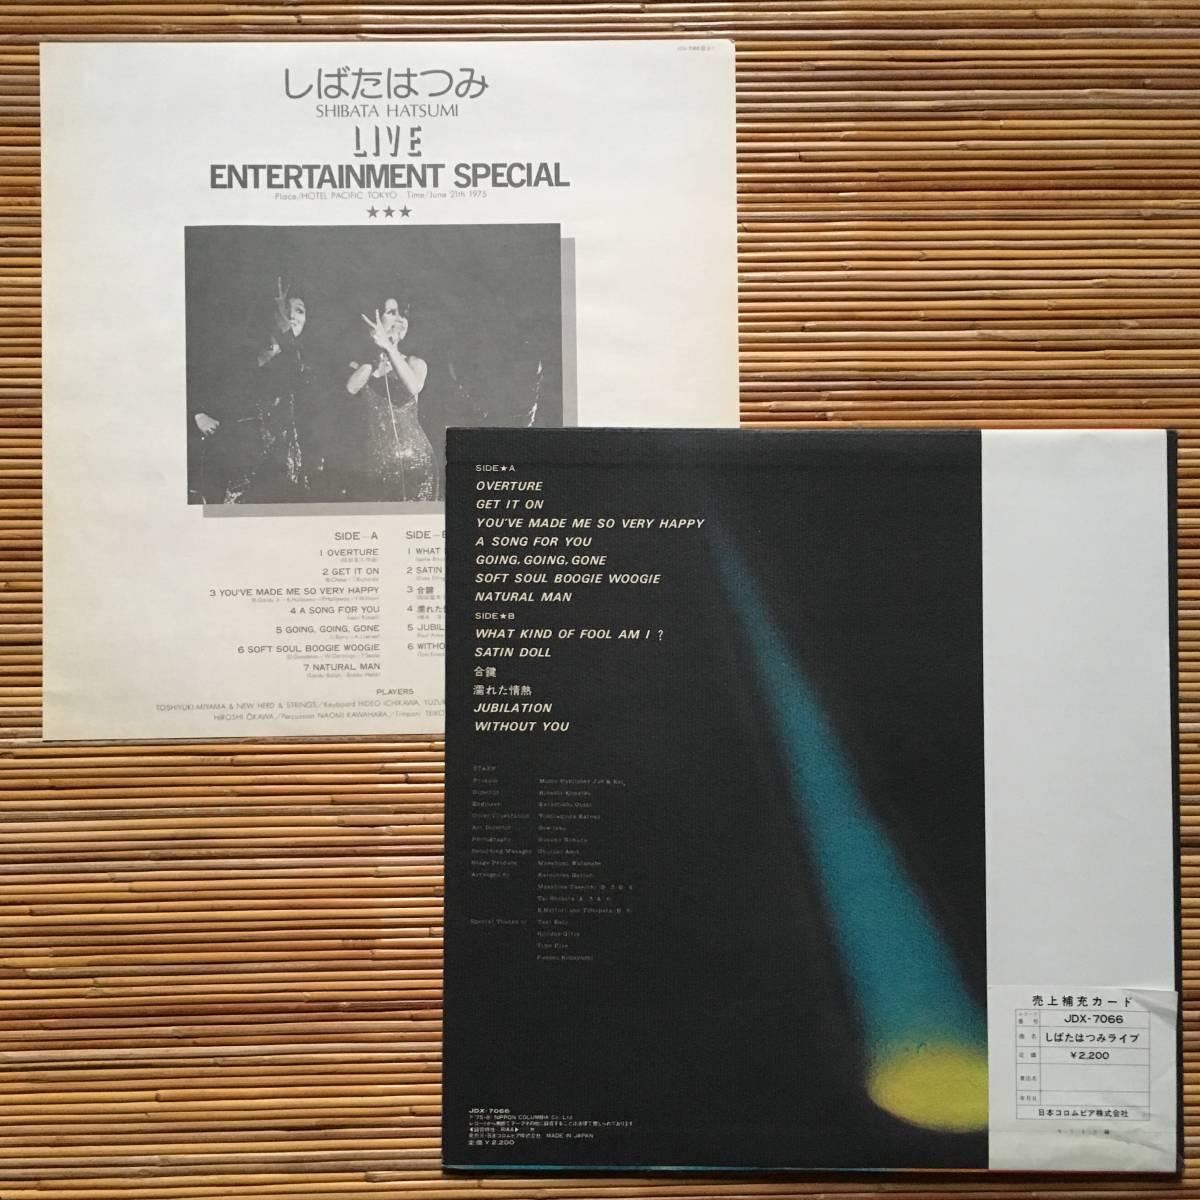 《見本盤・美盤》しばたはつみ『しばたはつみライブ』LP~和モノ/Light Mellow/にほ_画像3